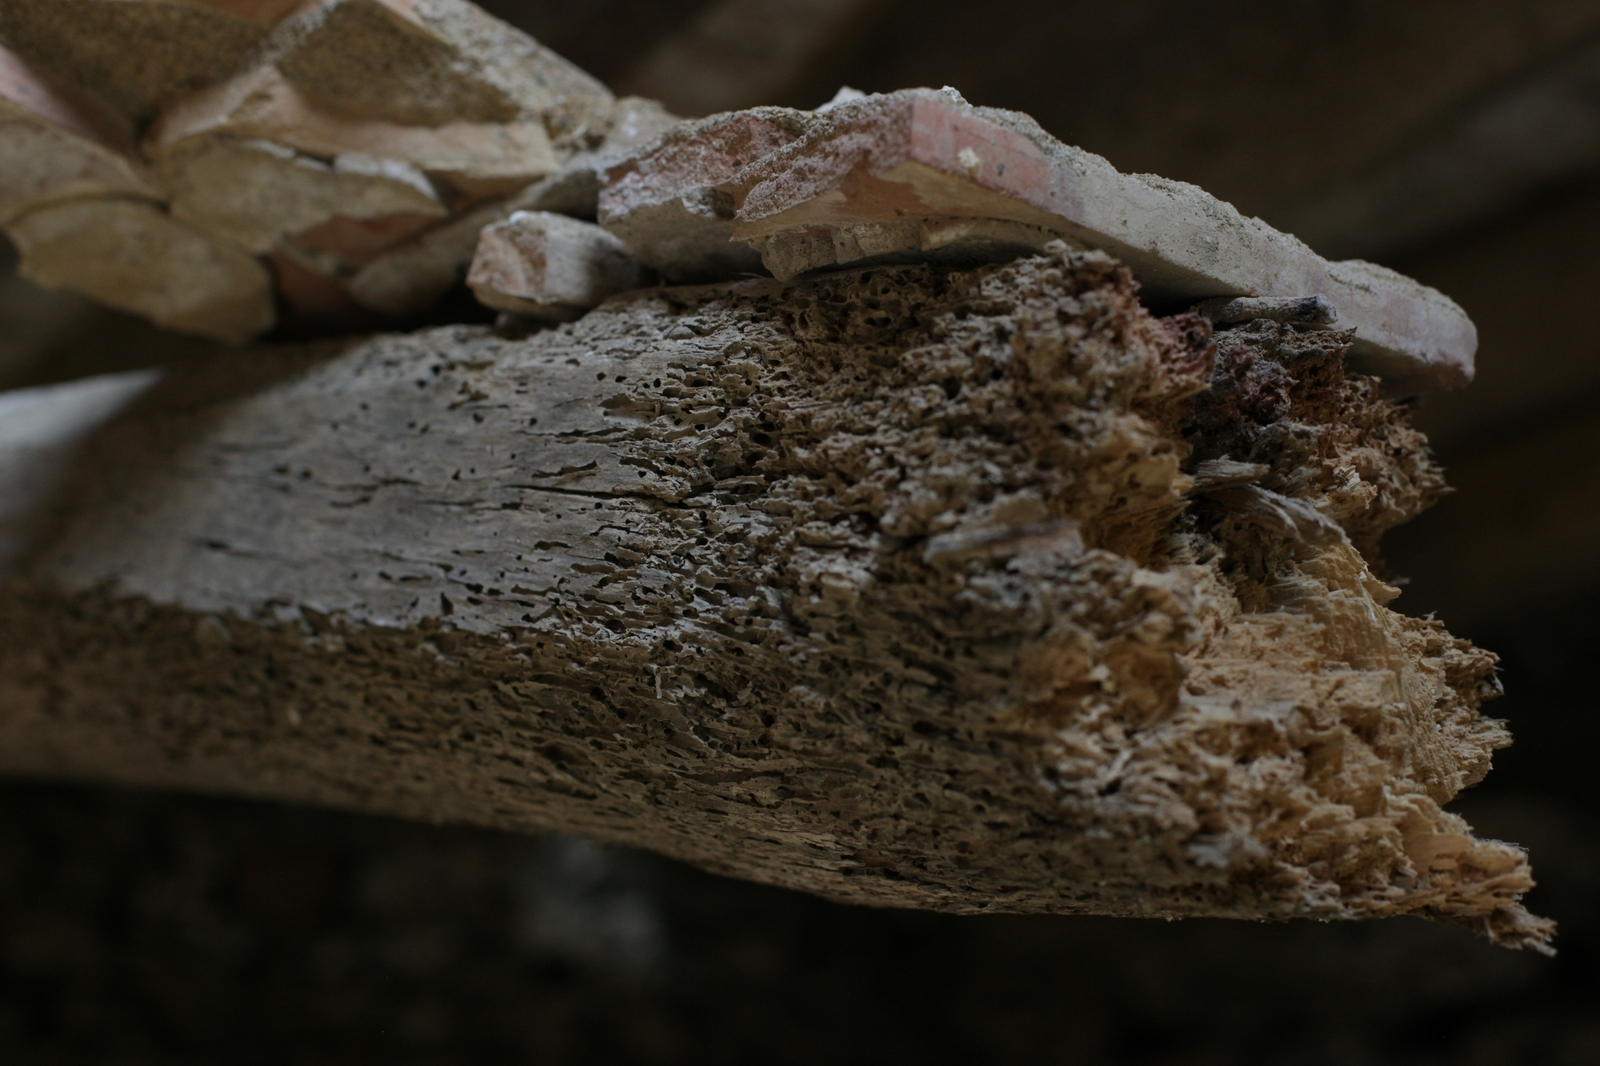 Altes Holz mit Bodenfliesen.